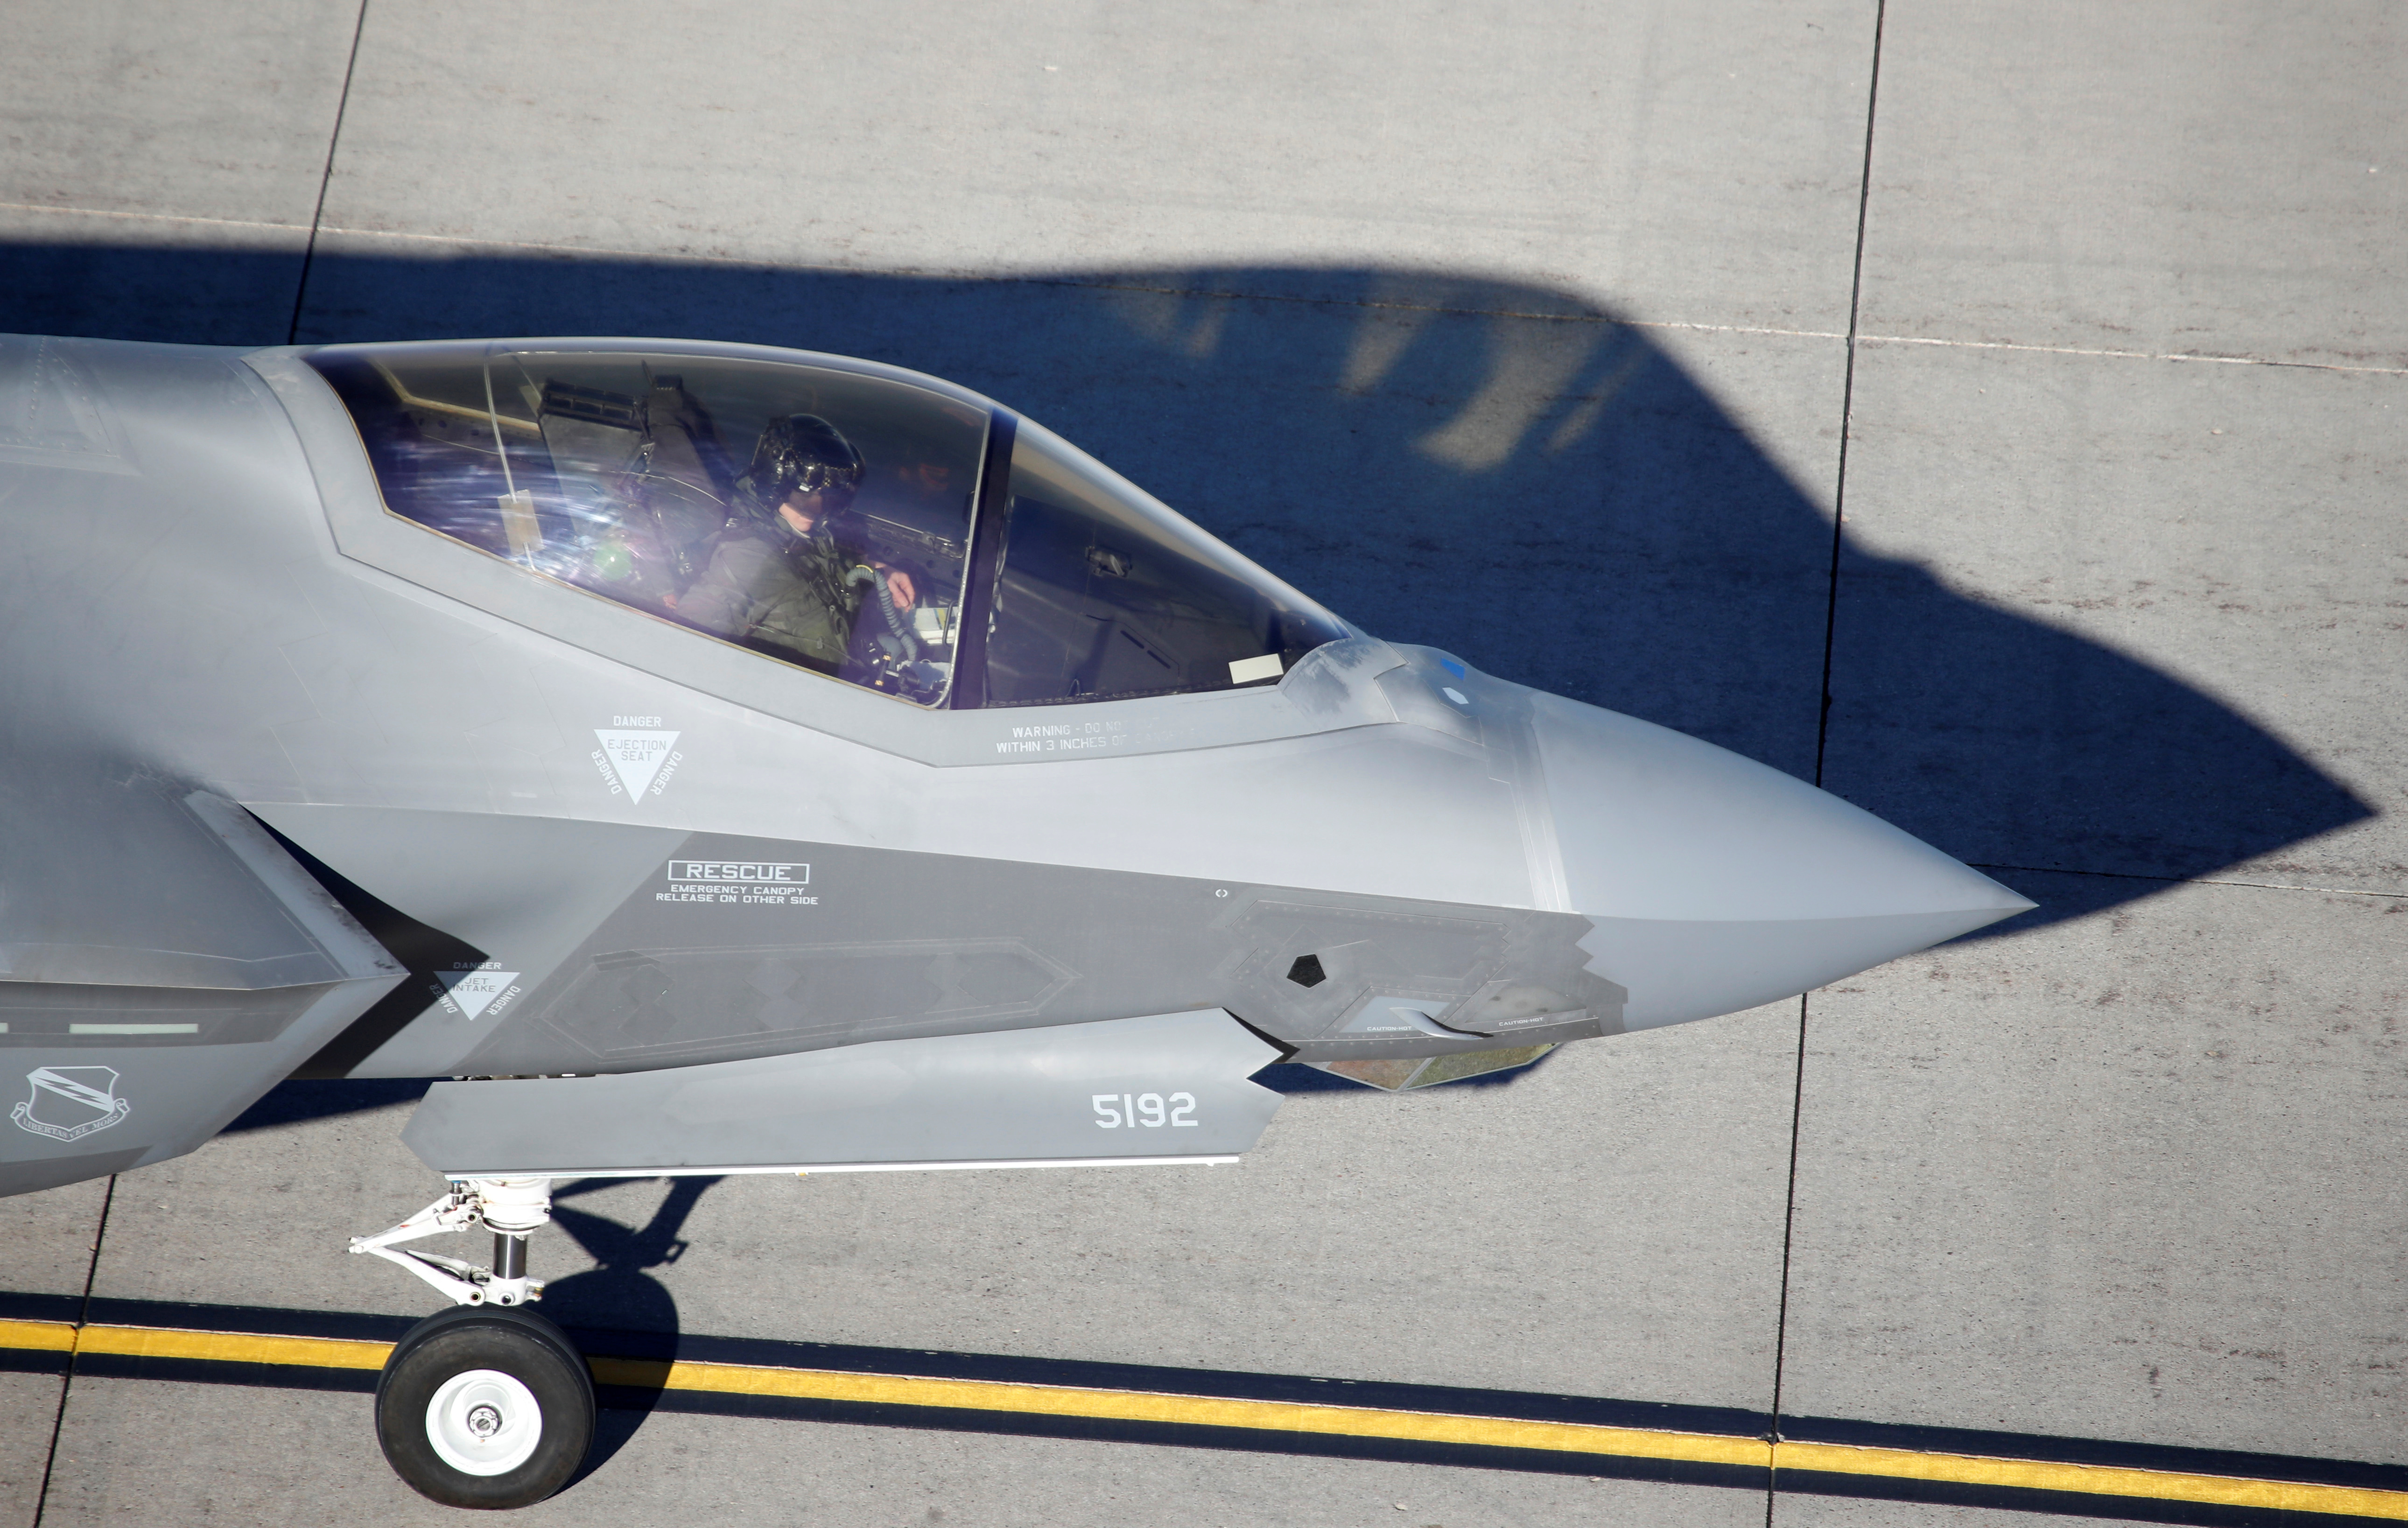 Un piloto de la Fuerza Aérea norteamericana registra su avión F-35A de la Fuerza Aérea de las alas de combate 388 y 428, para formar un ejercicio de